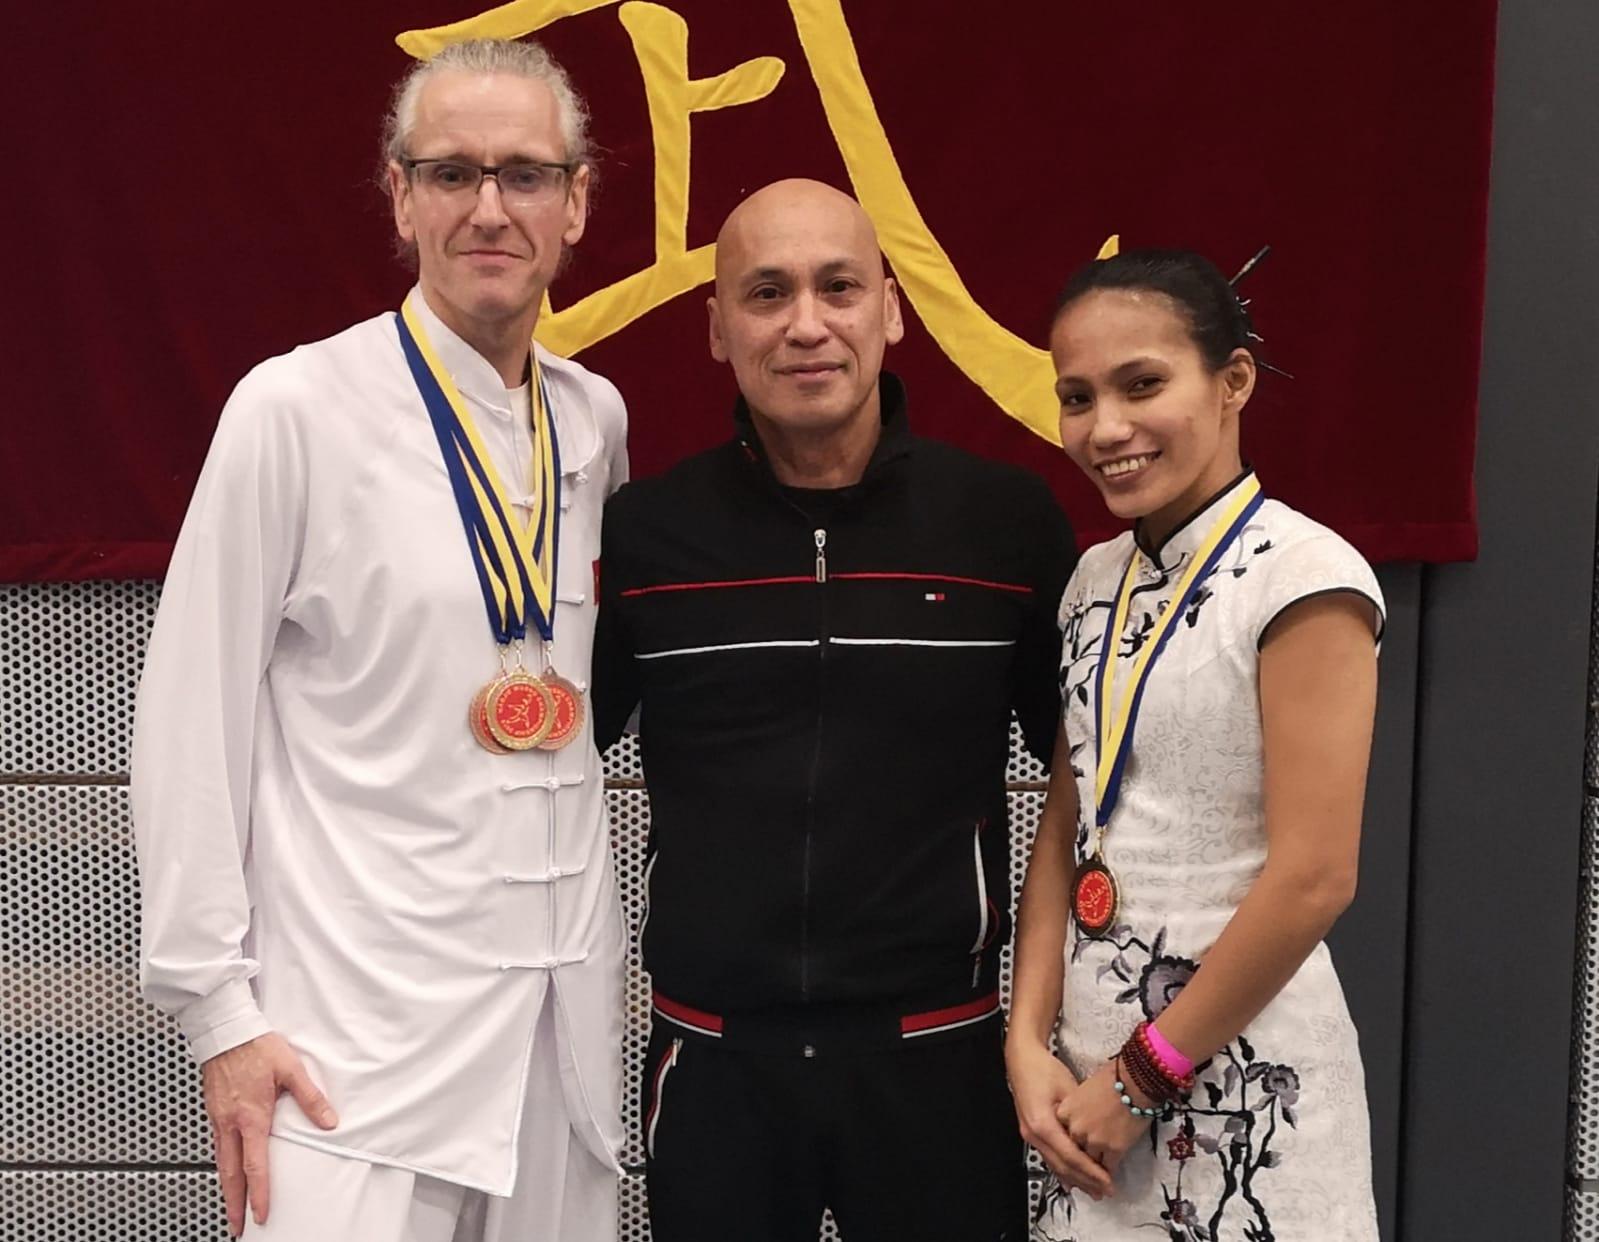 Vijf medailles voor twee Apeldoornse vechtkunstbeoefenaars